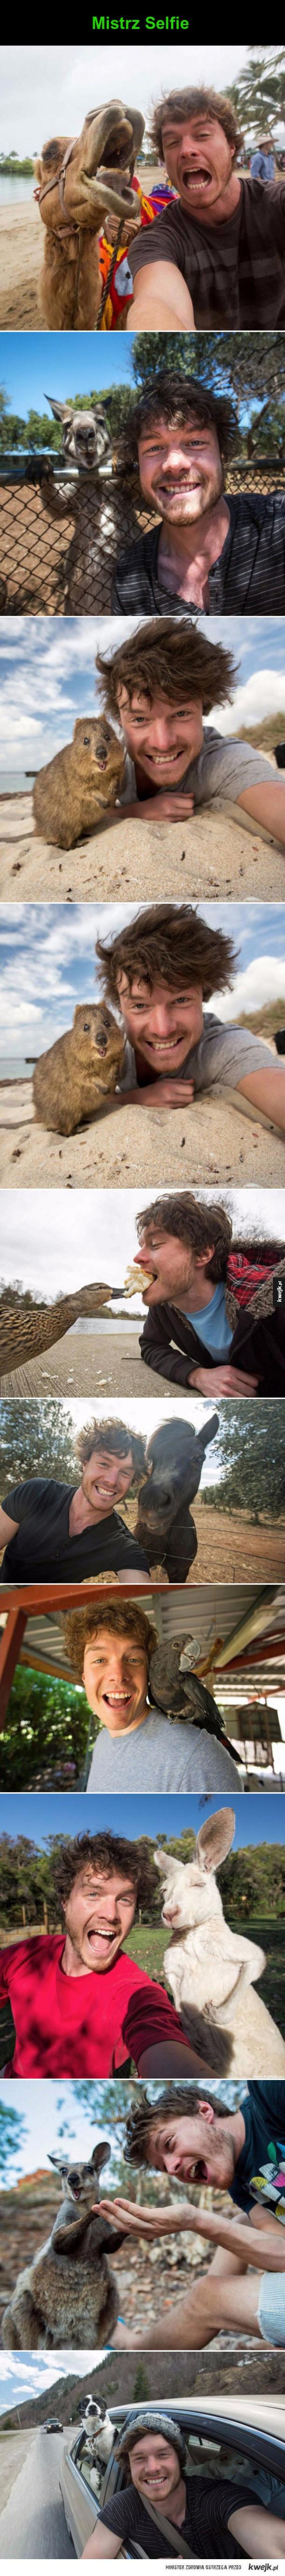 selfie ze zwierzętami